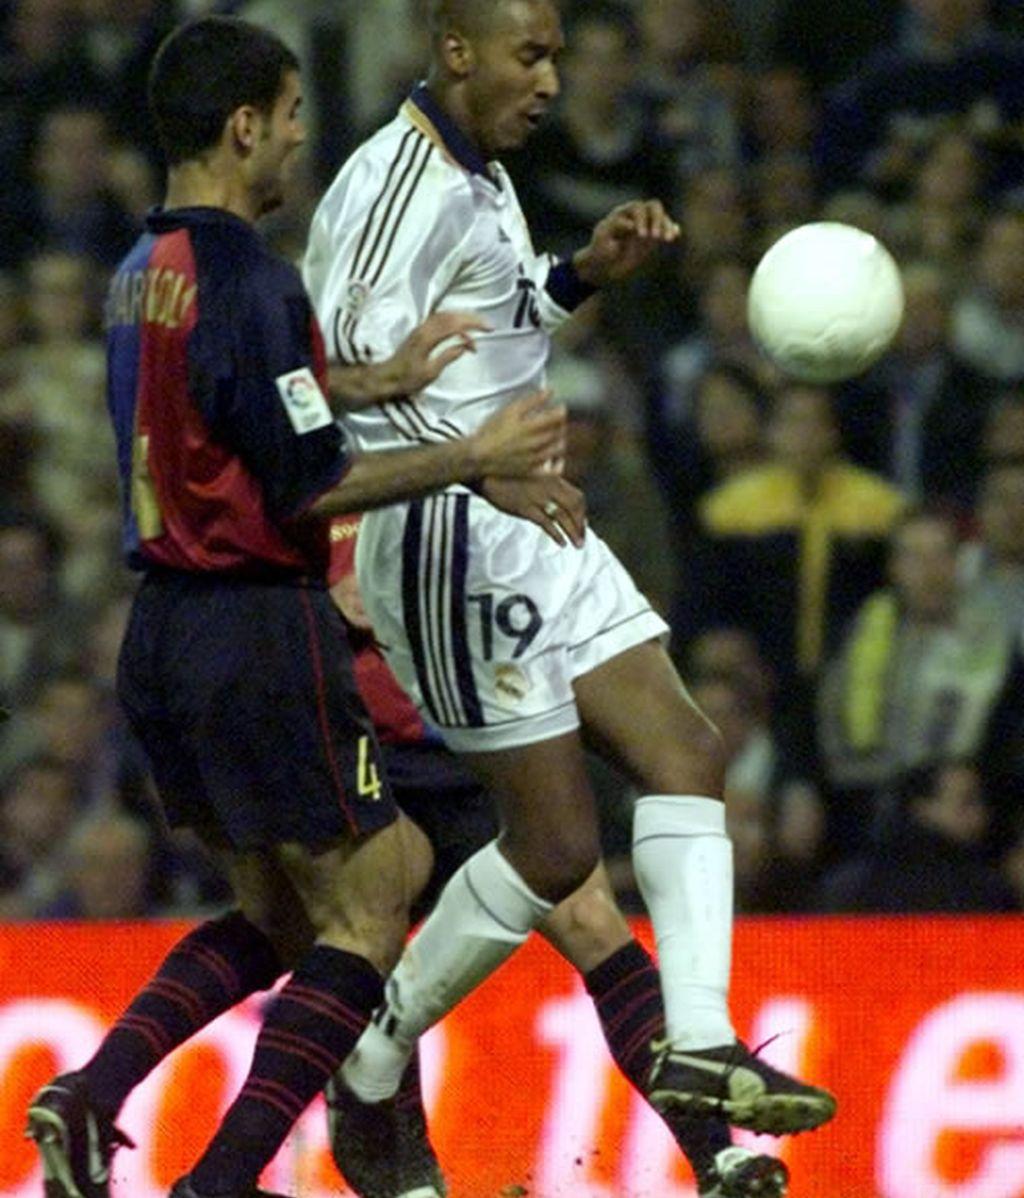 En el encuentro del 2000, Anelka y Guardiola luchan por un balón